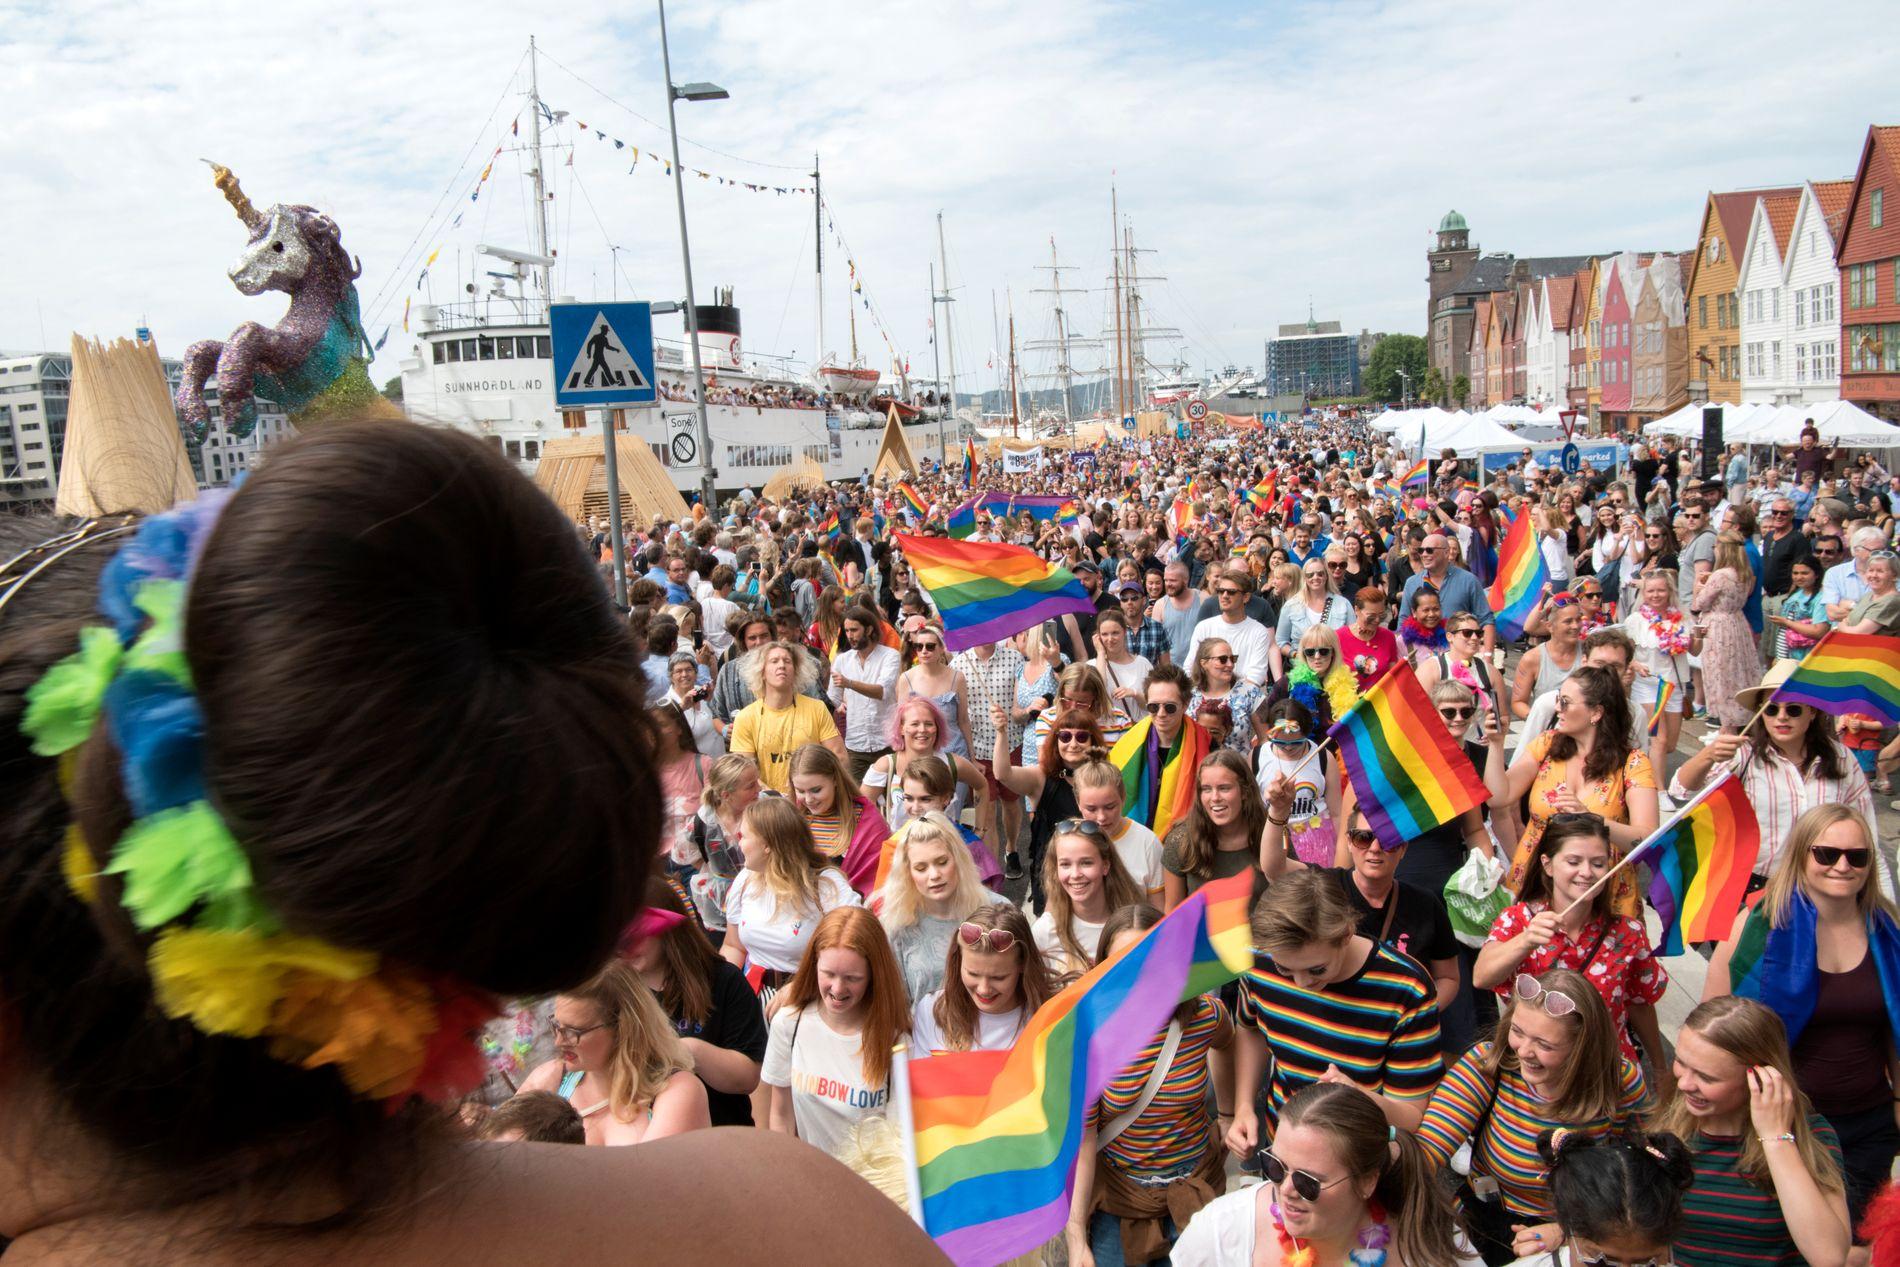 PRIDE: Må det klare sex-fokuset under en del Pride-arrangementer ses som et velkomment uttrykk for mangfold og åpenhet, eller skaper det uheldige forventninger og gjør grensesetting vanskeligere? skriver Torstein Ulserød.